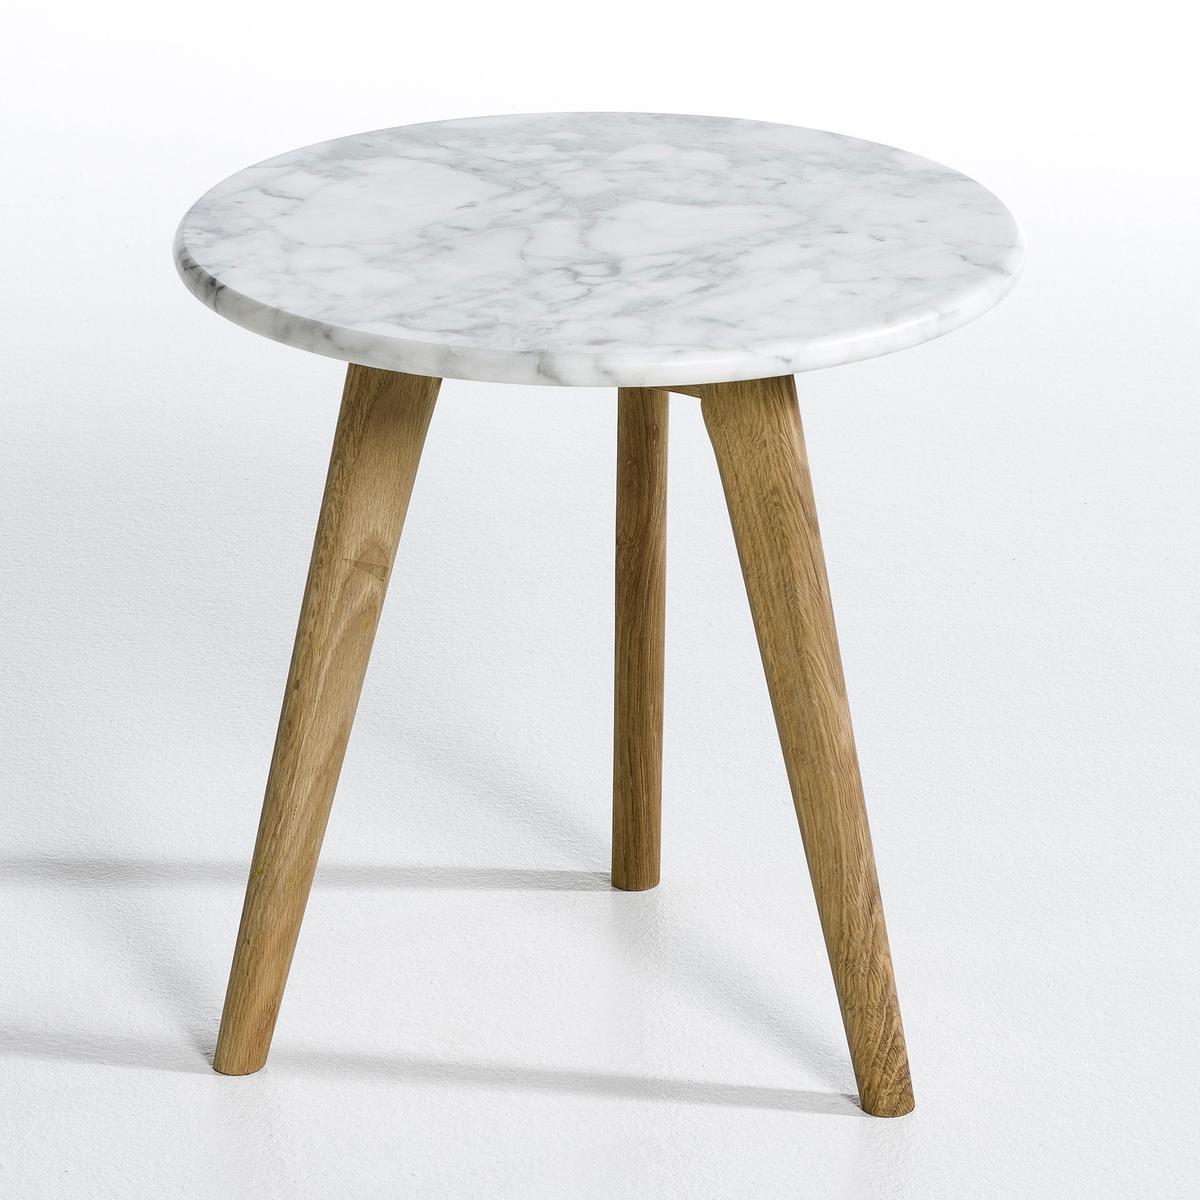 Столик диванный Priscille, столешница из мрамораХарактеристики :- Столешница из черного мрамора.- 3 ножки из дуба с пропиткой маслом.- Защитные накладки на ножки  Размеры :- диаметр 40 x высота 40 см<br><br>Цвет: белый